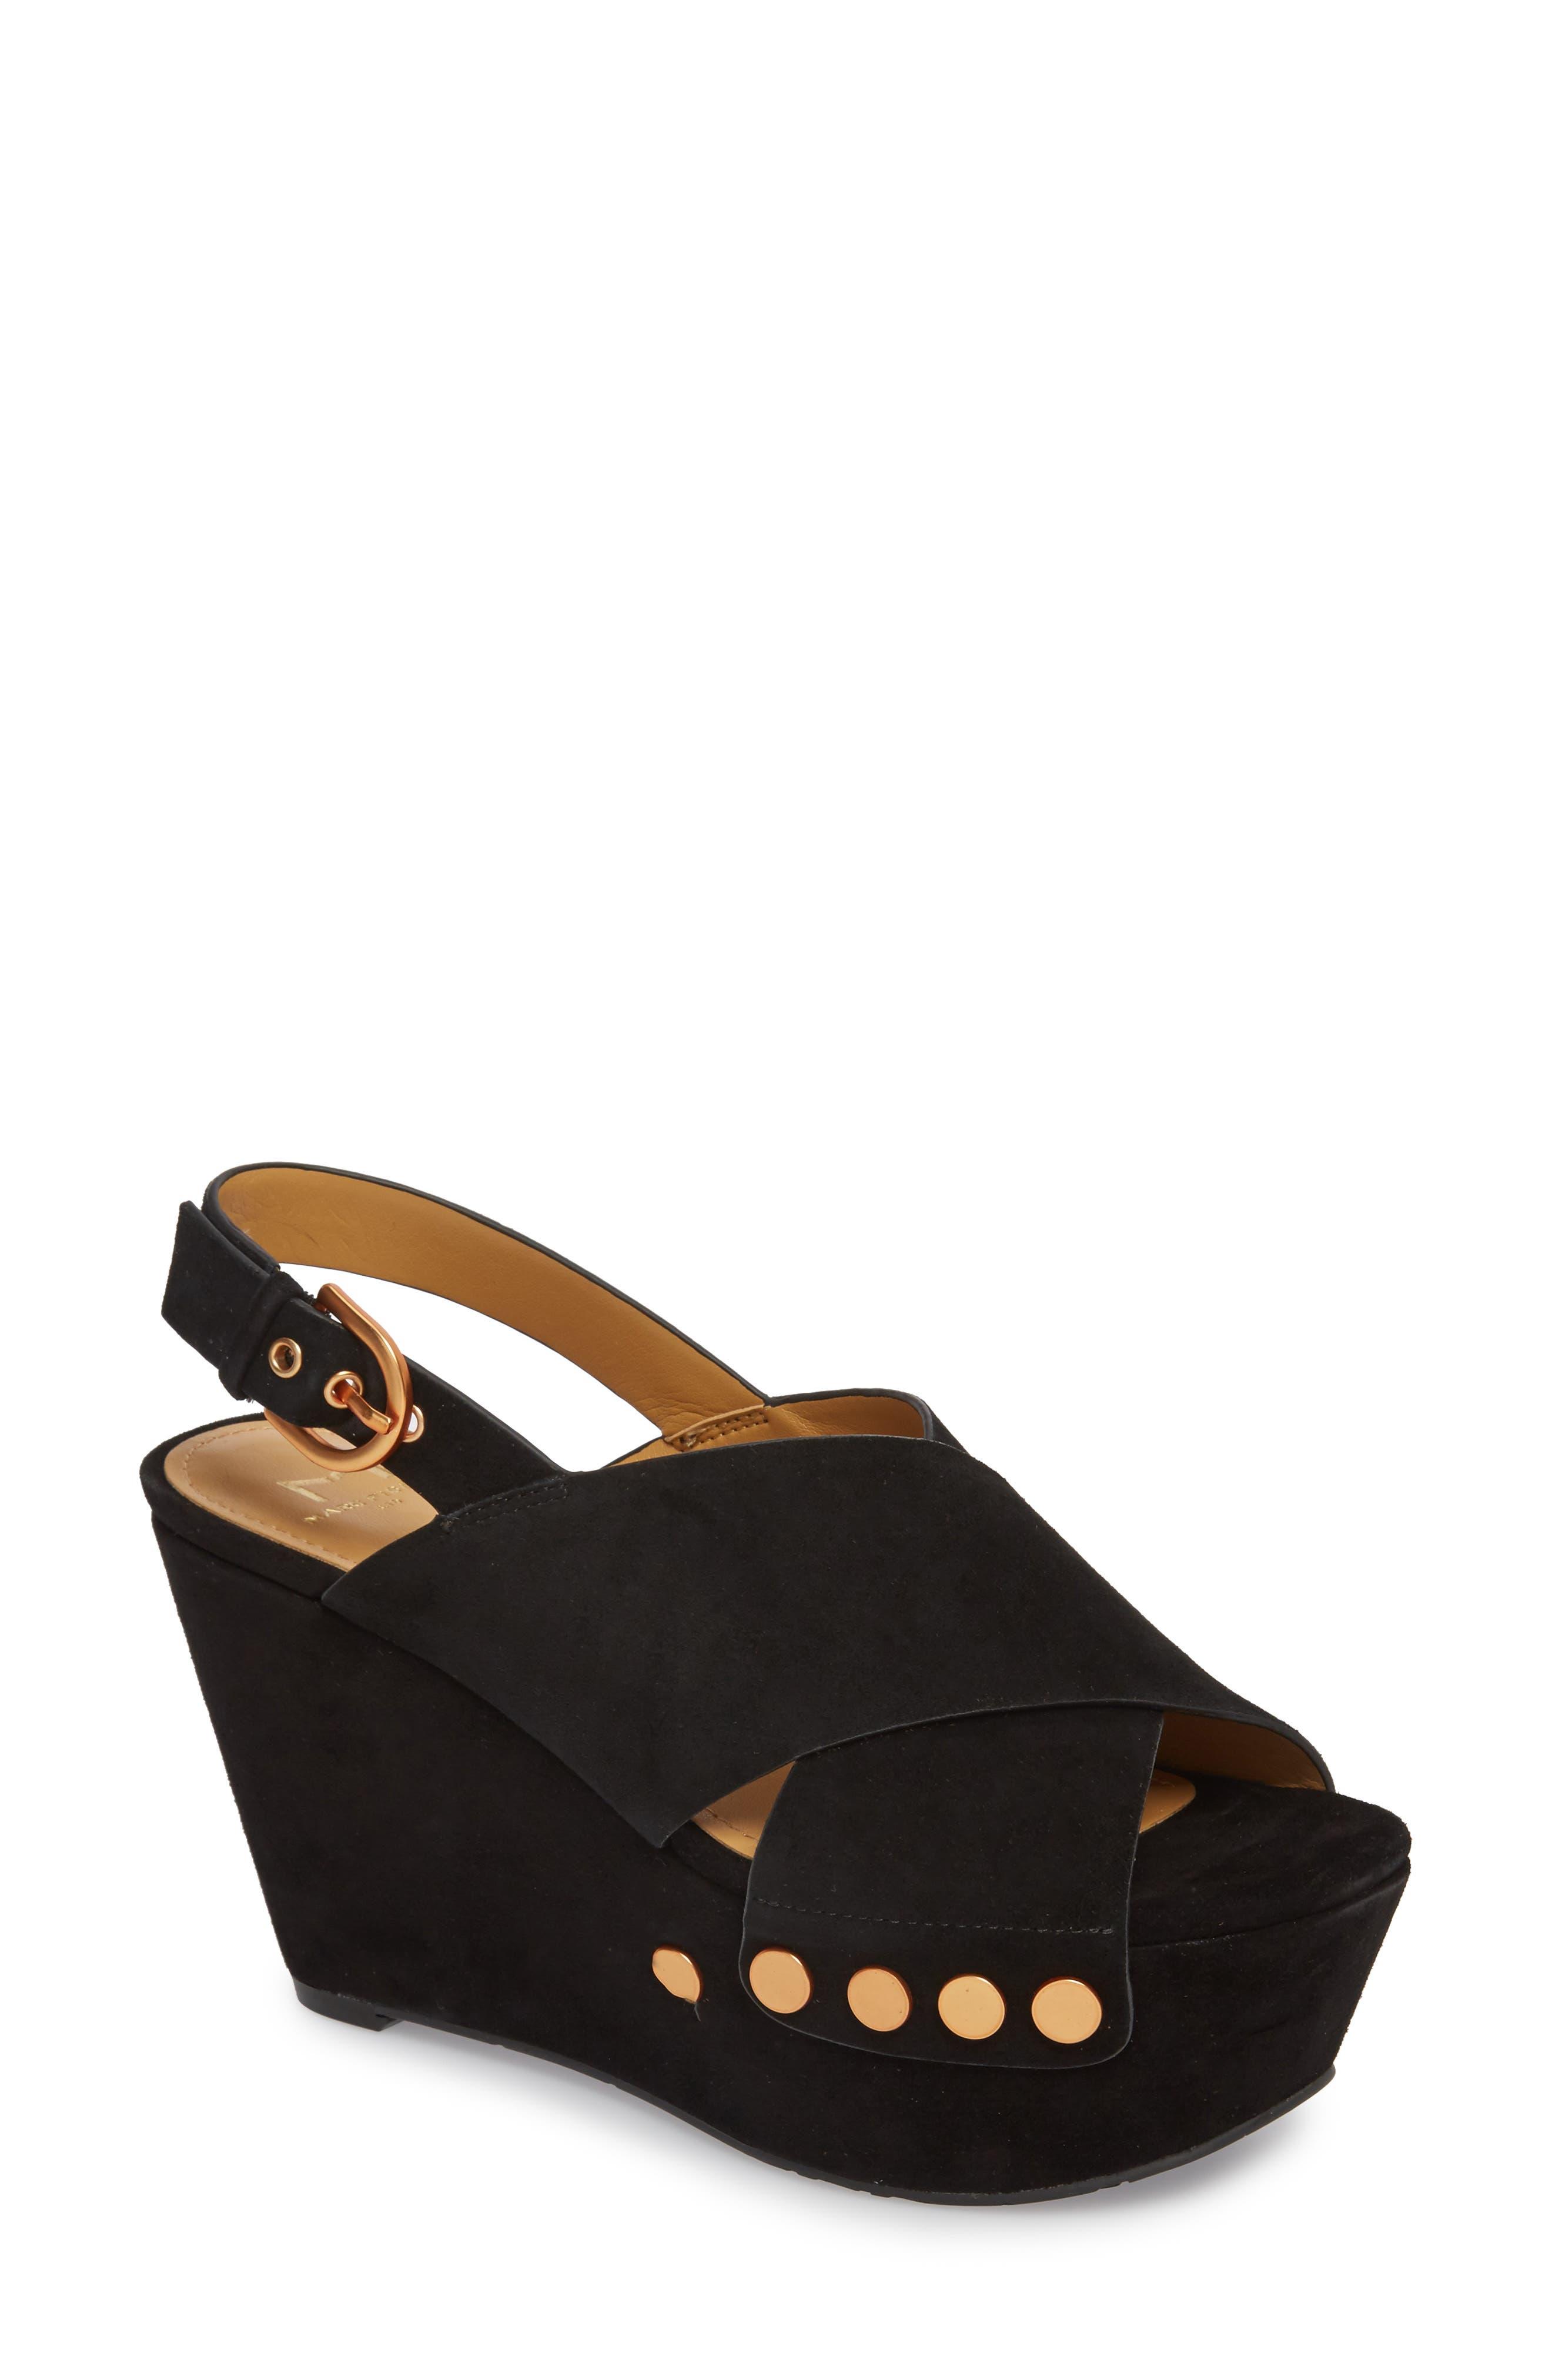 Barlow Wedge Sandal,                         Main,                         color, 001